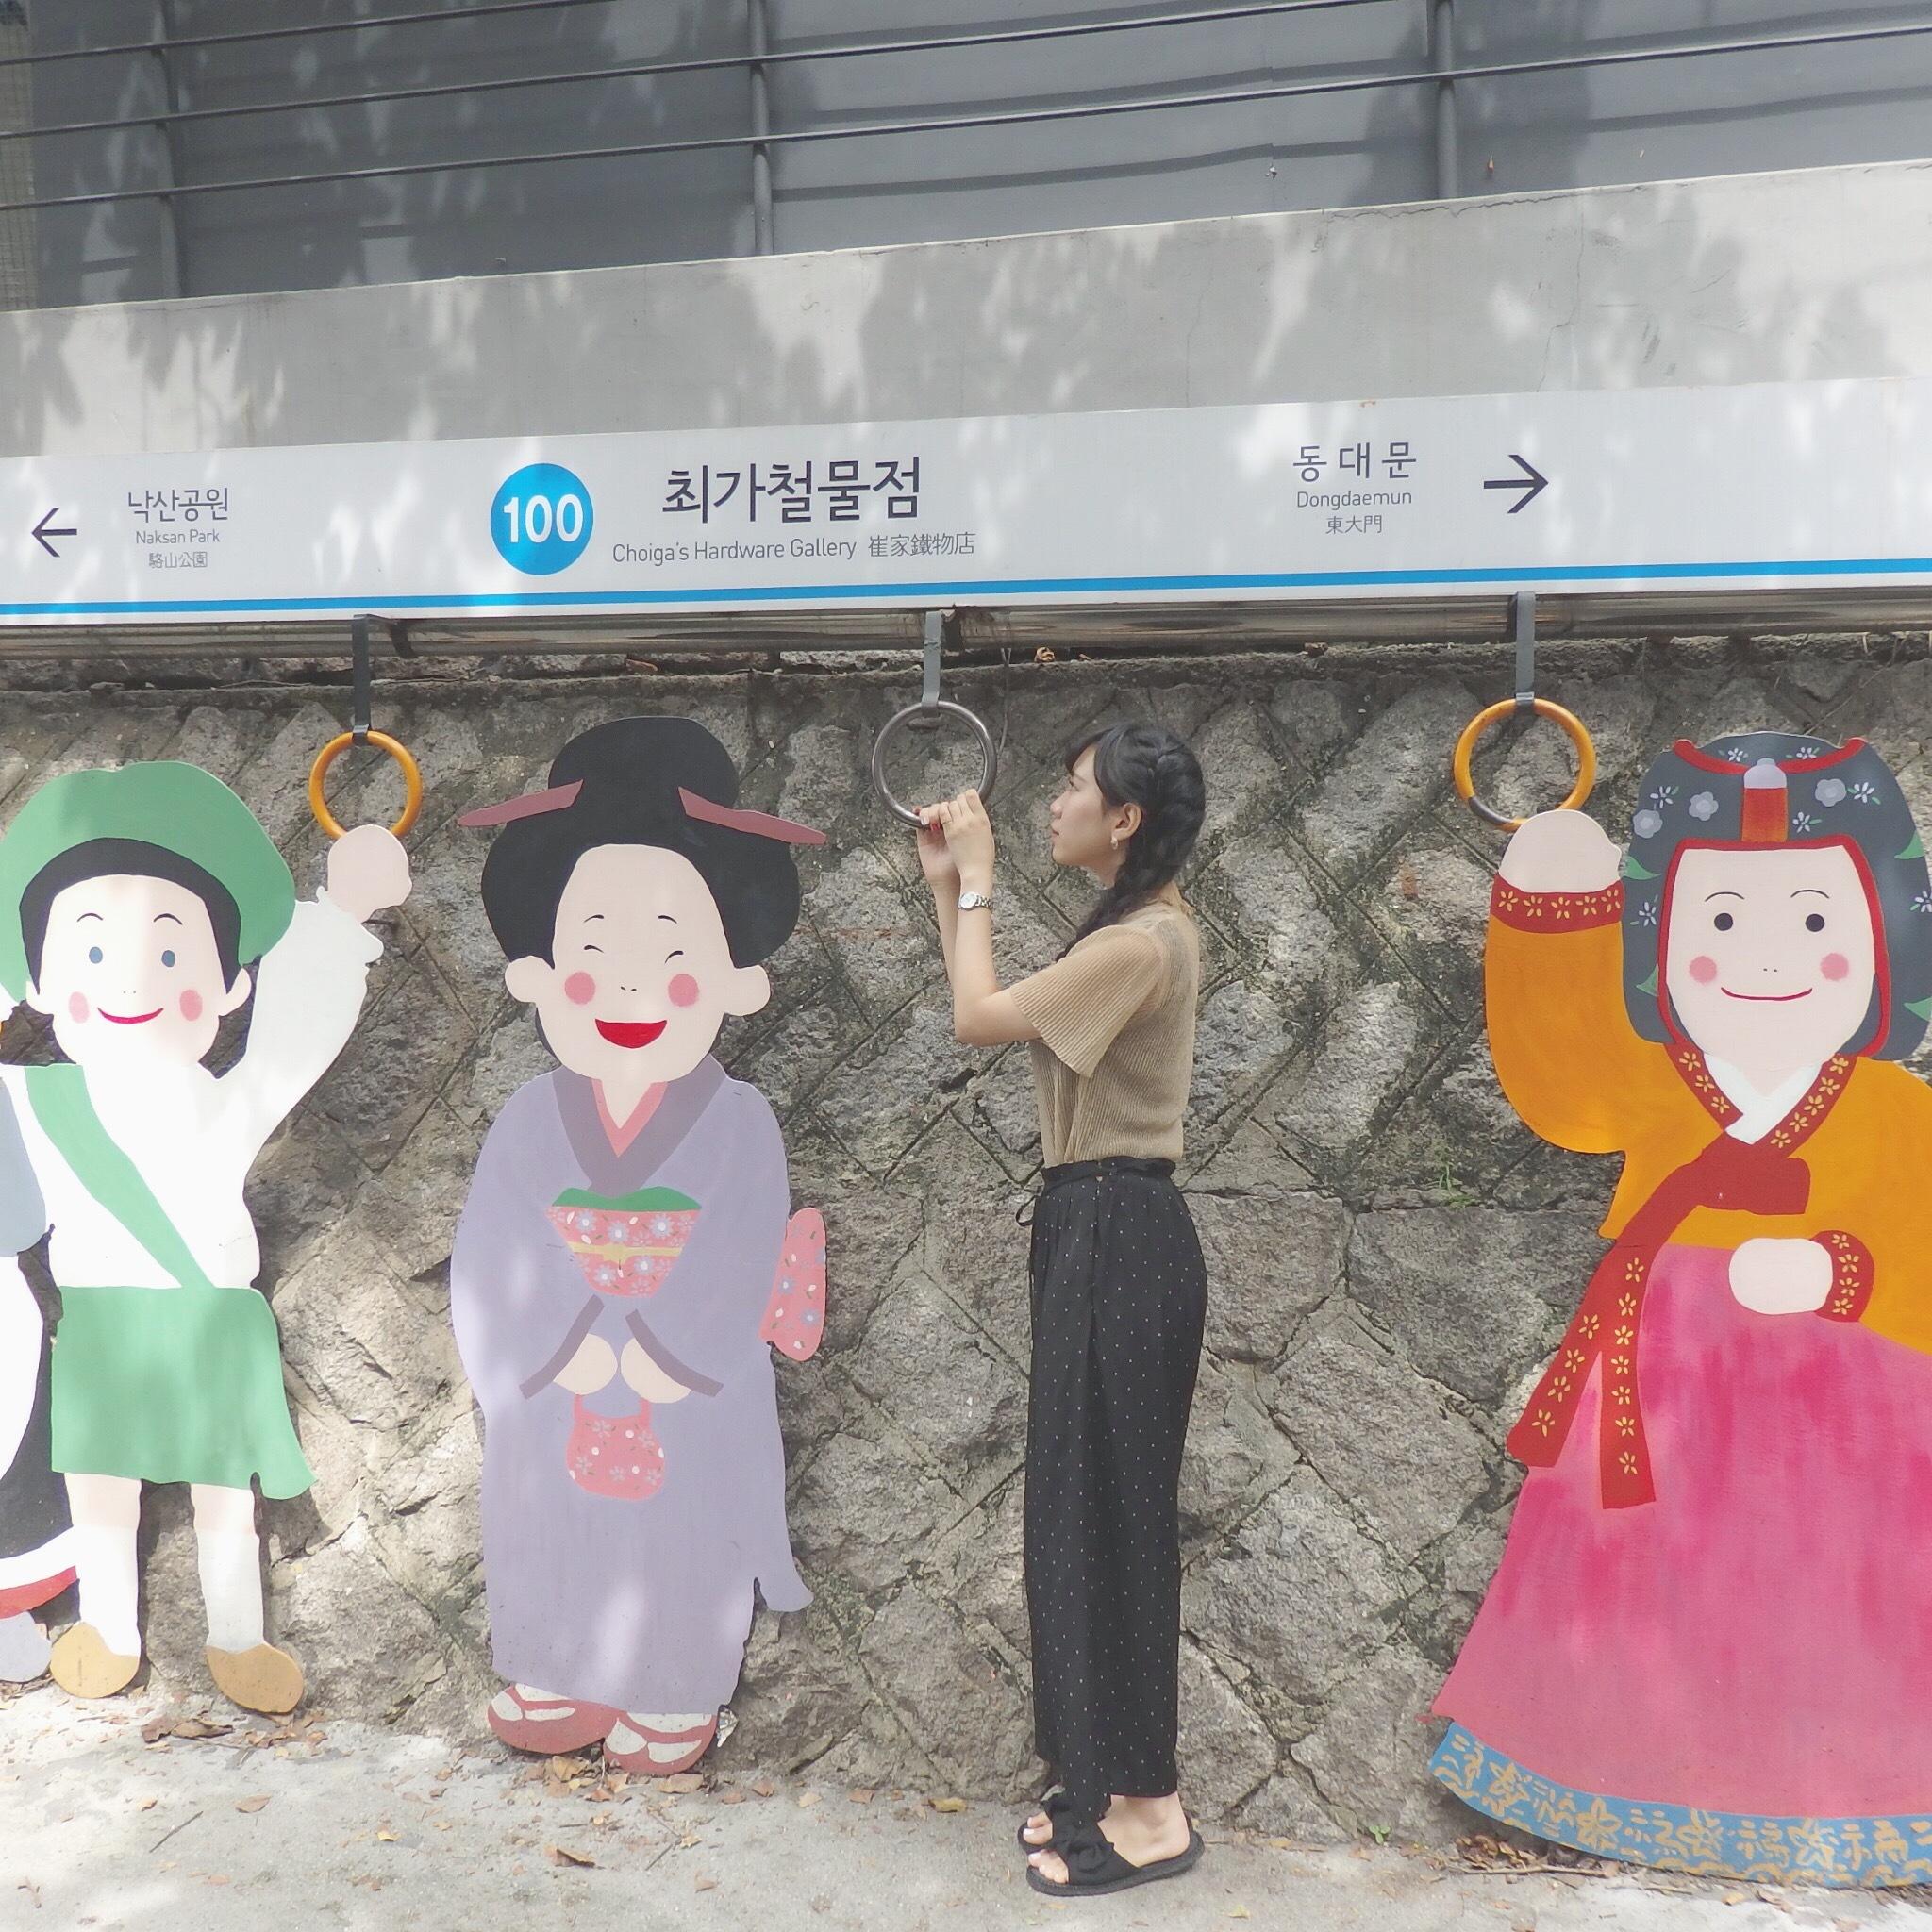 可愛い壁がたくさん!フォトスポット♥IN 韓国_1_2